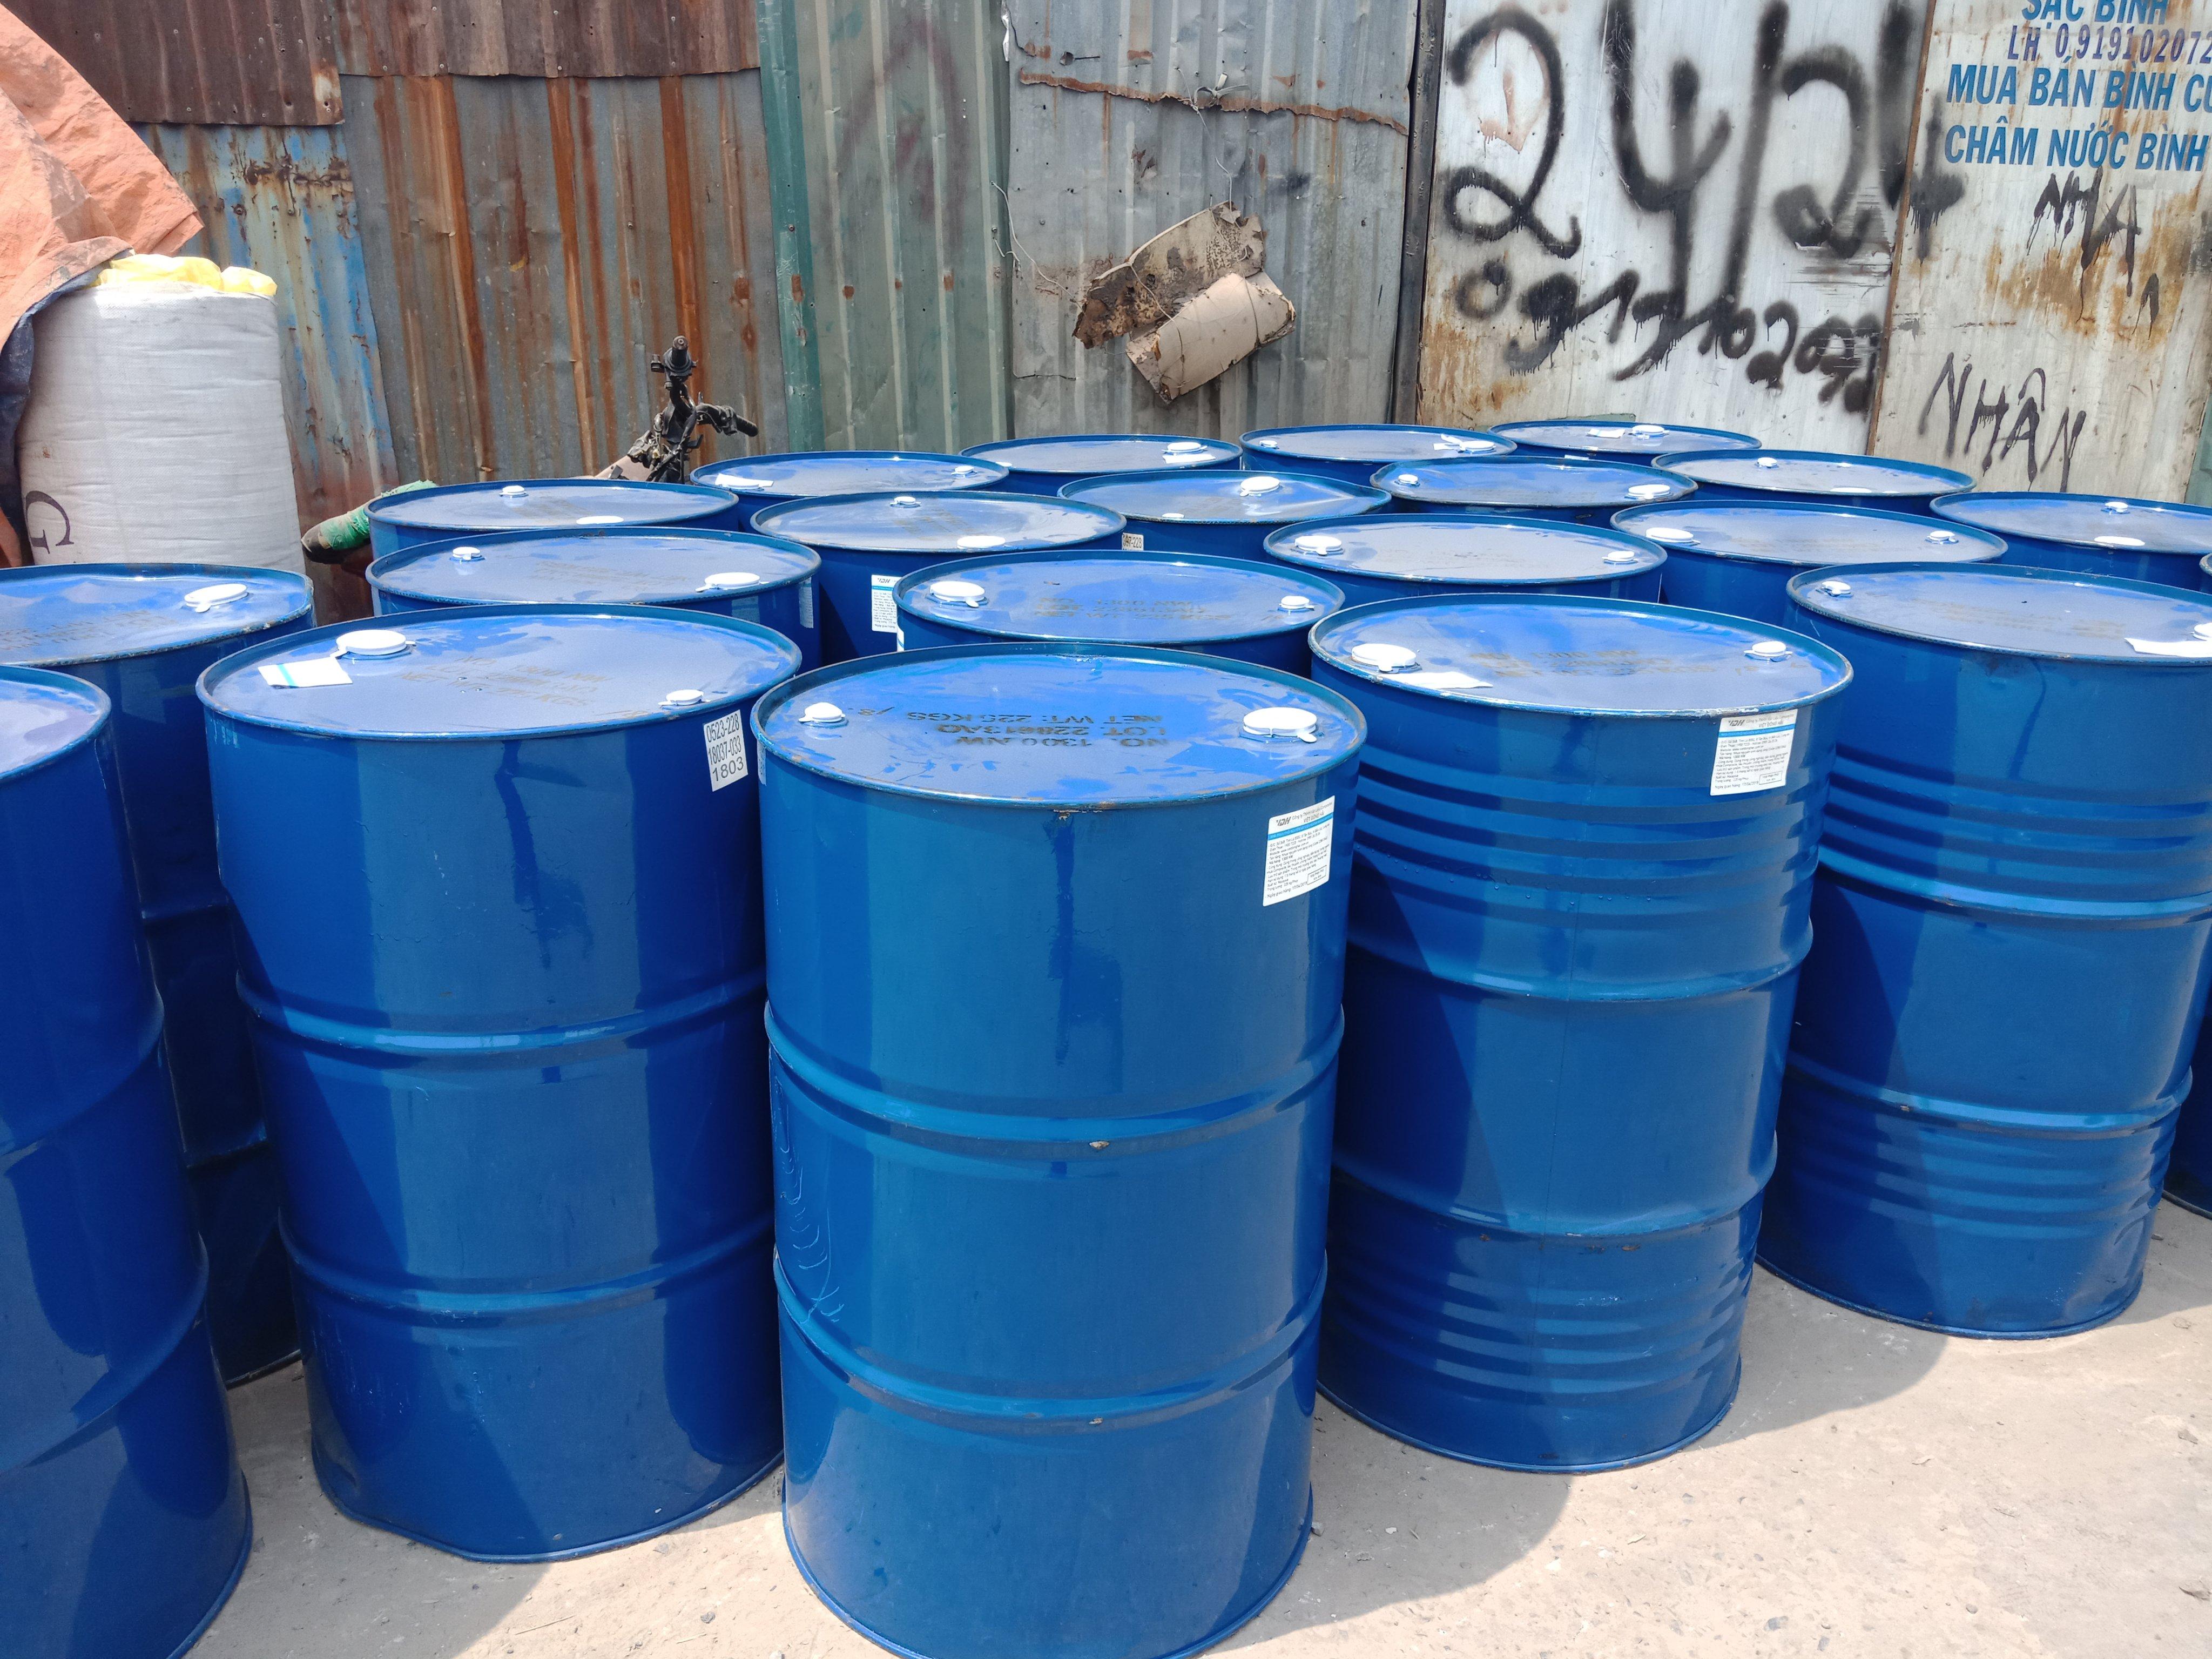 Vận chuyển hóa chất đi Campuchia